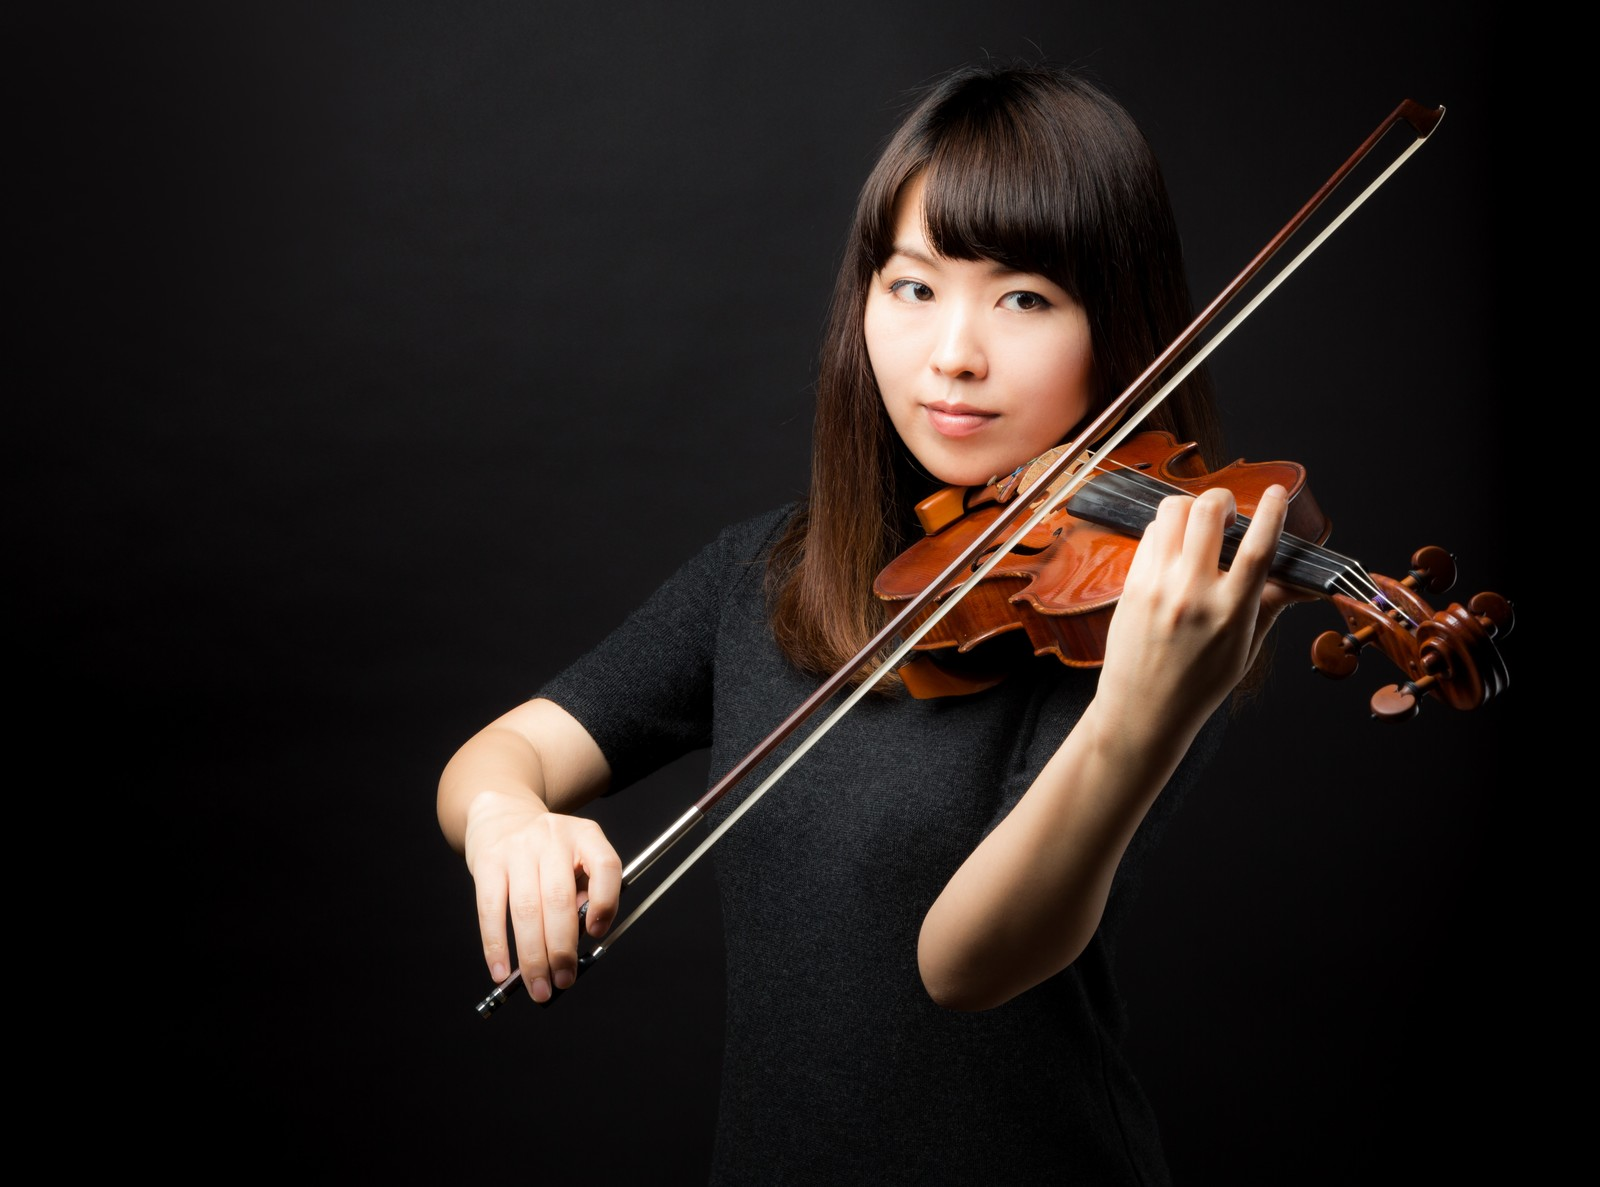 「演奏中の女性演奏中の女性」[モデル:yukiko]のフリー写真素材を拡大